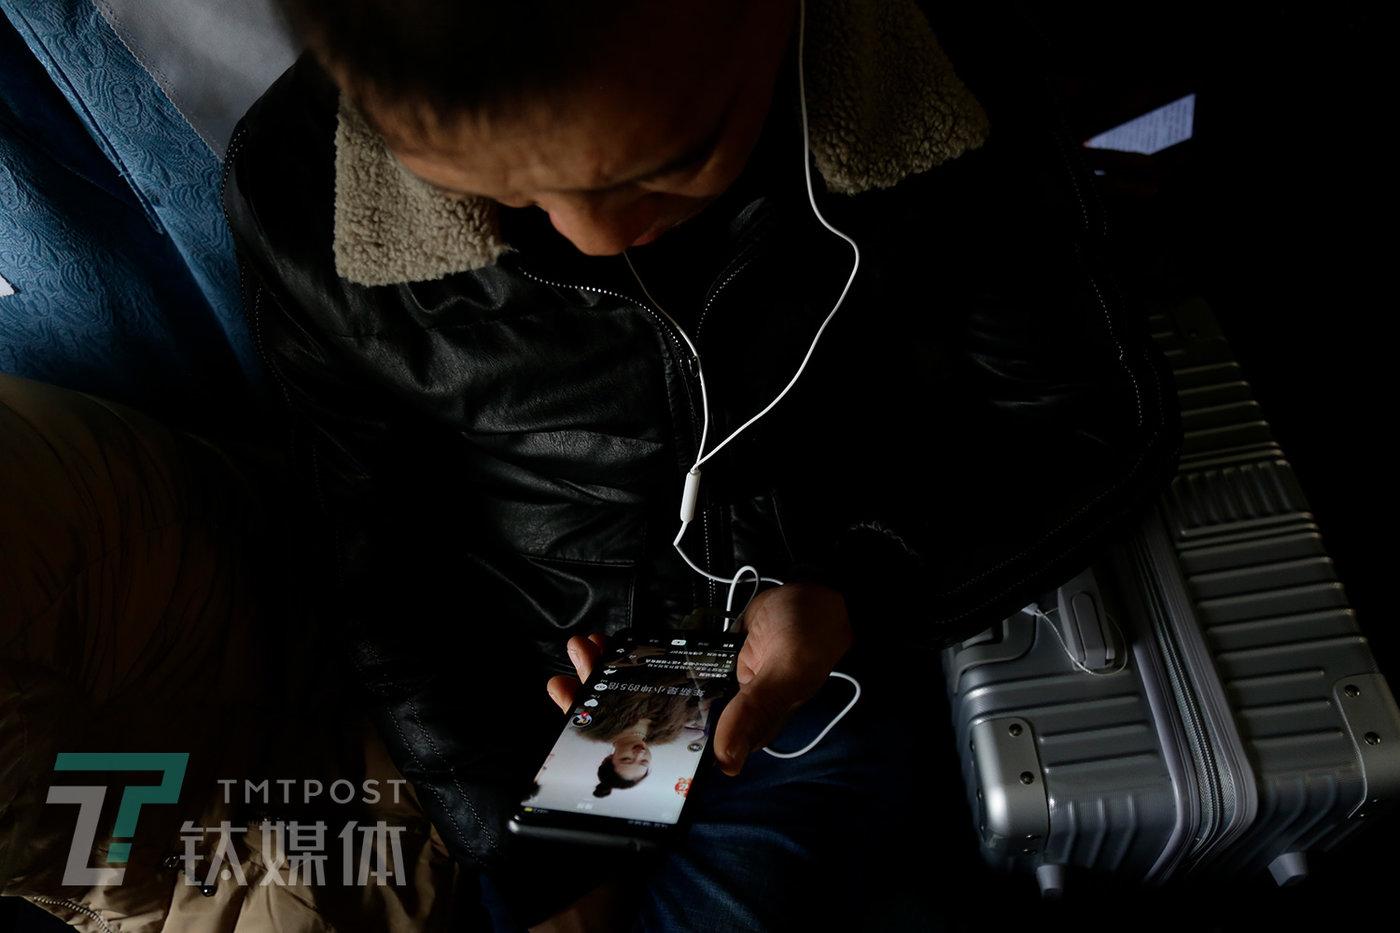 别名乘客在刷短视频。